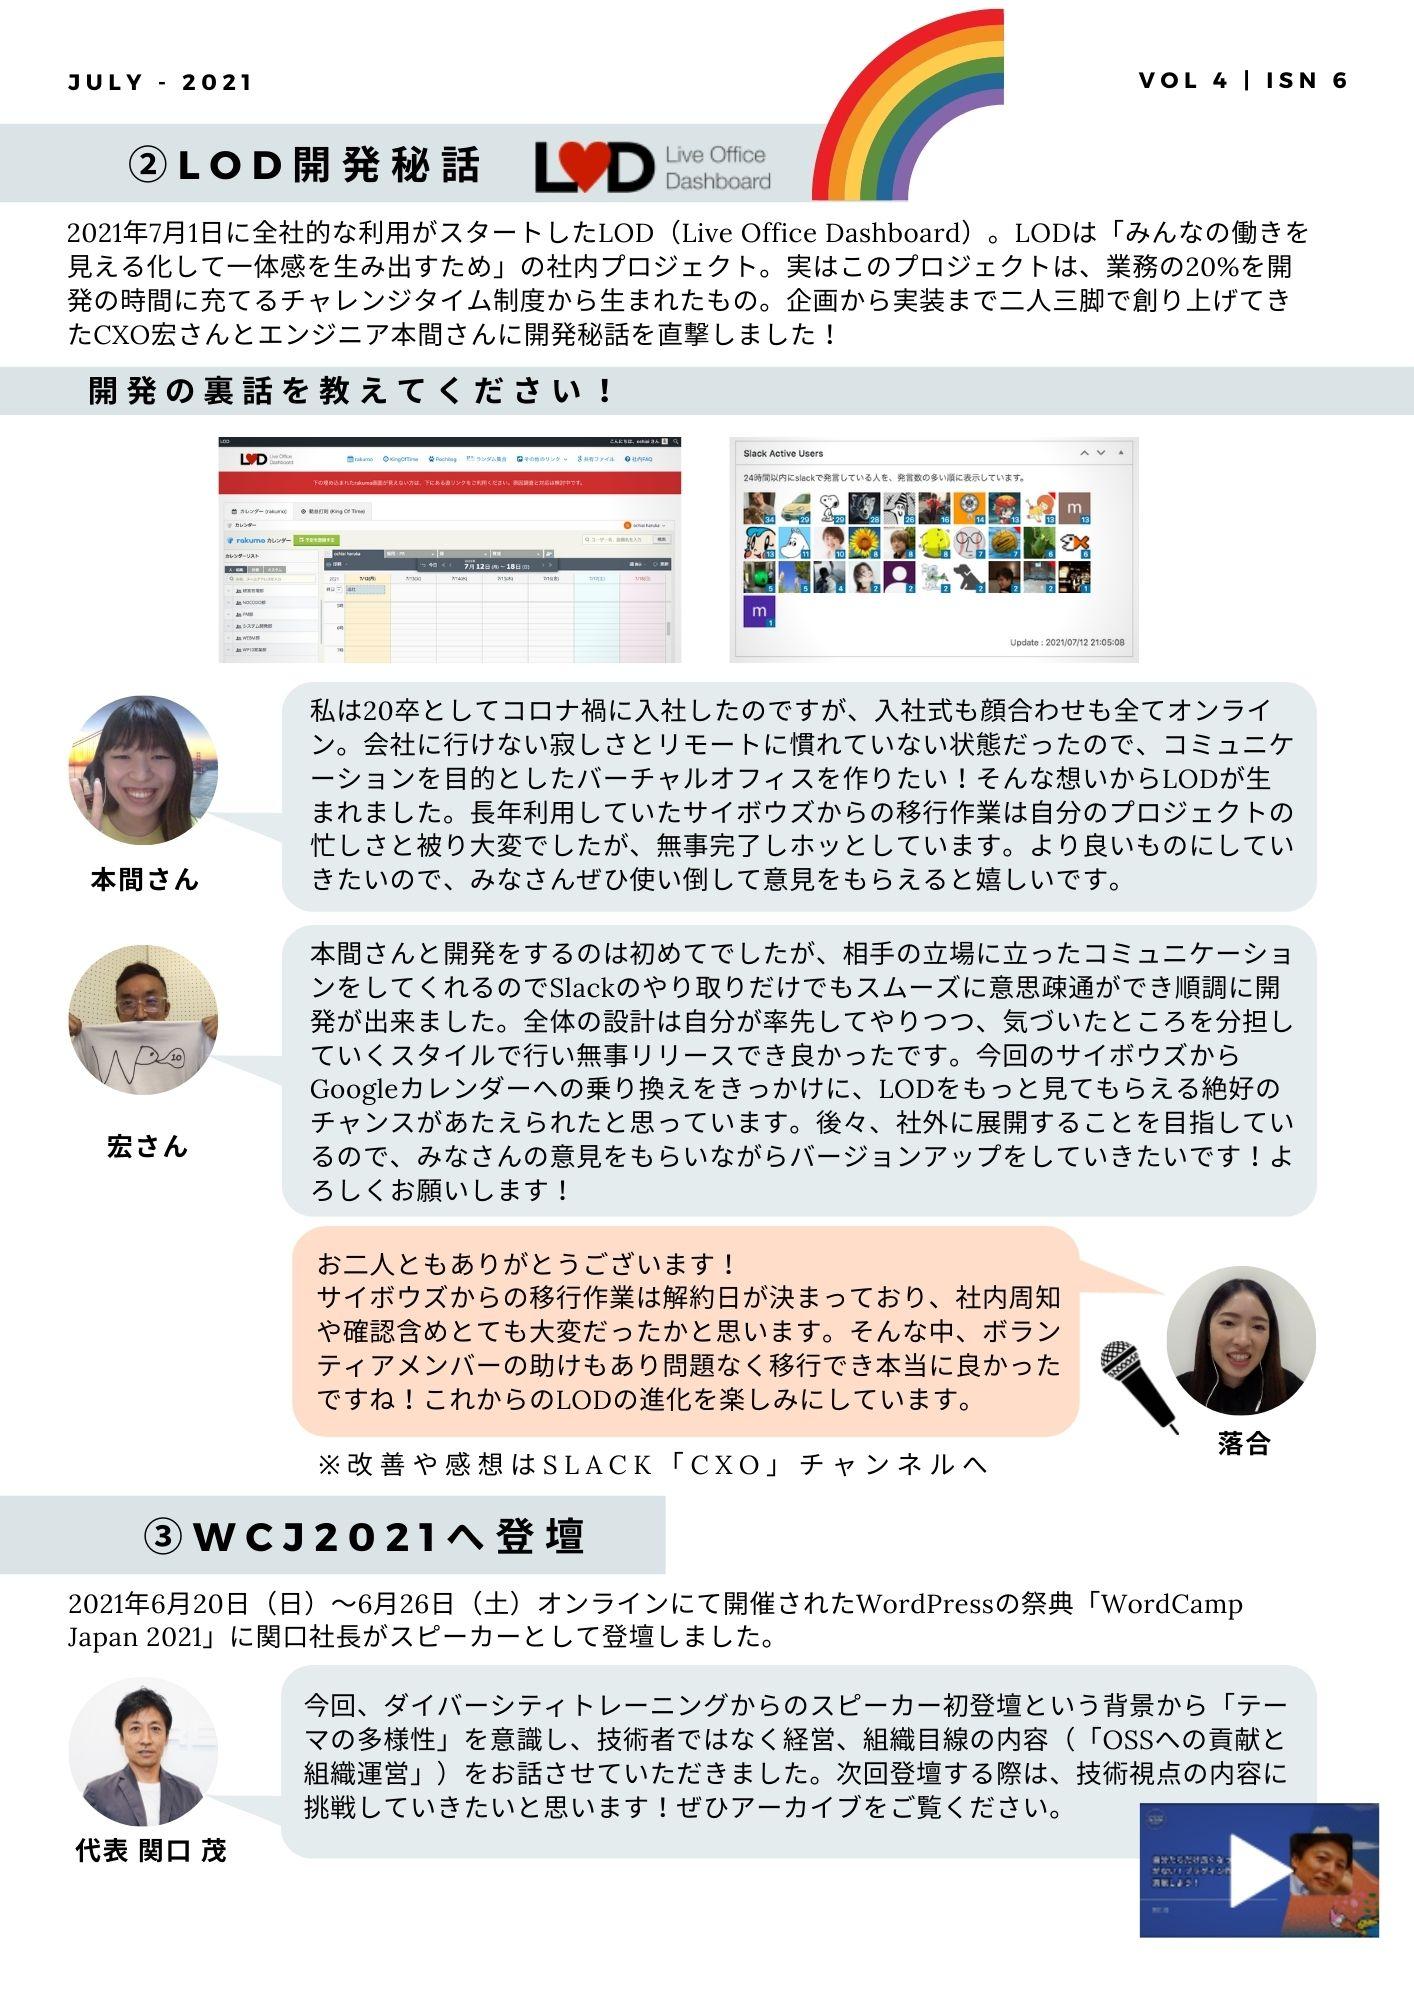 社内報/LOD開発秘話インタビュー